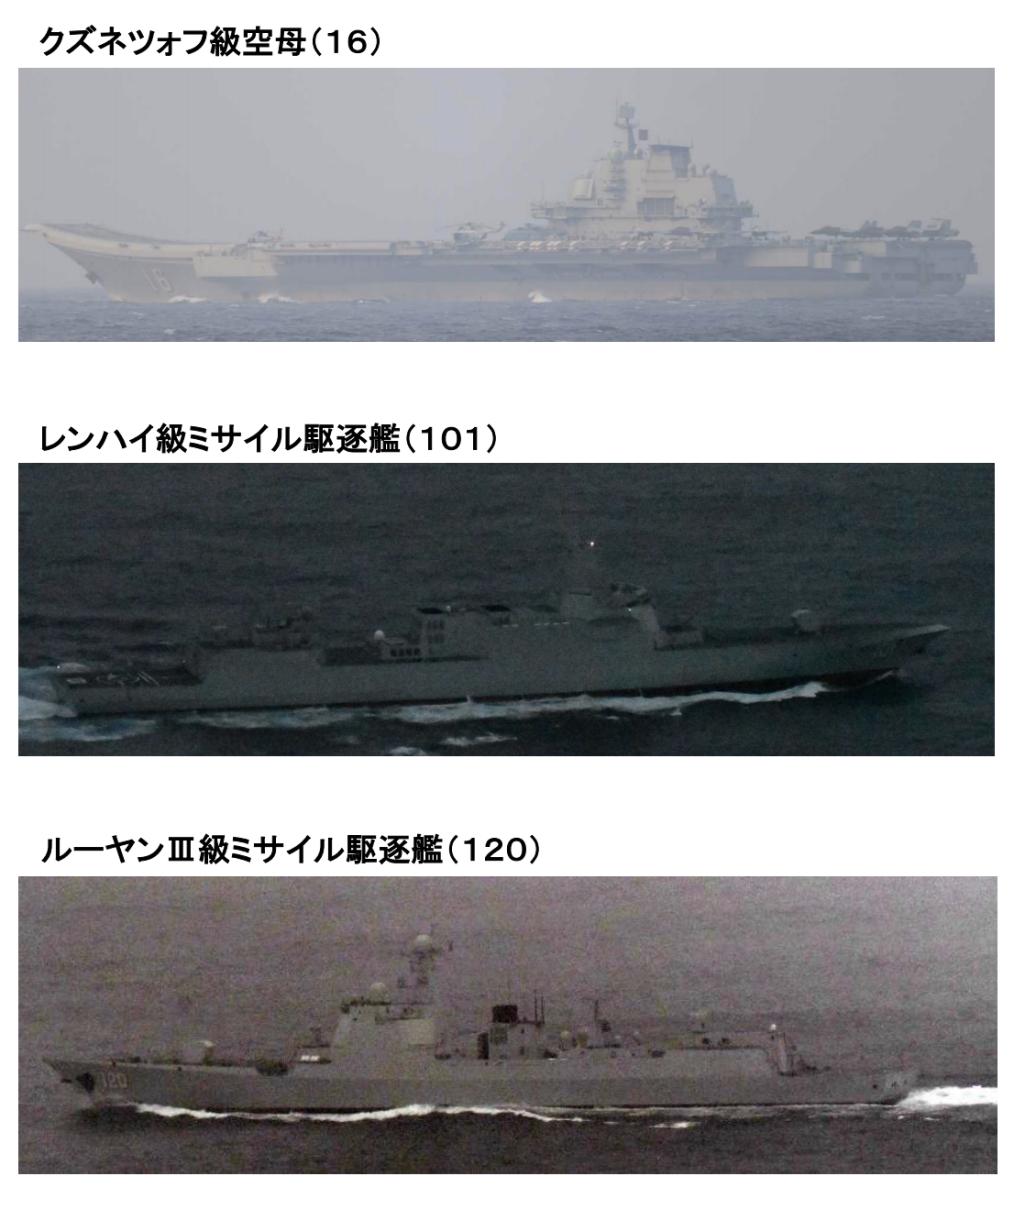 日本发现辽宁舰编队进入太平洋 这次有万吨大驱护卫图片